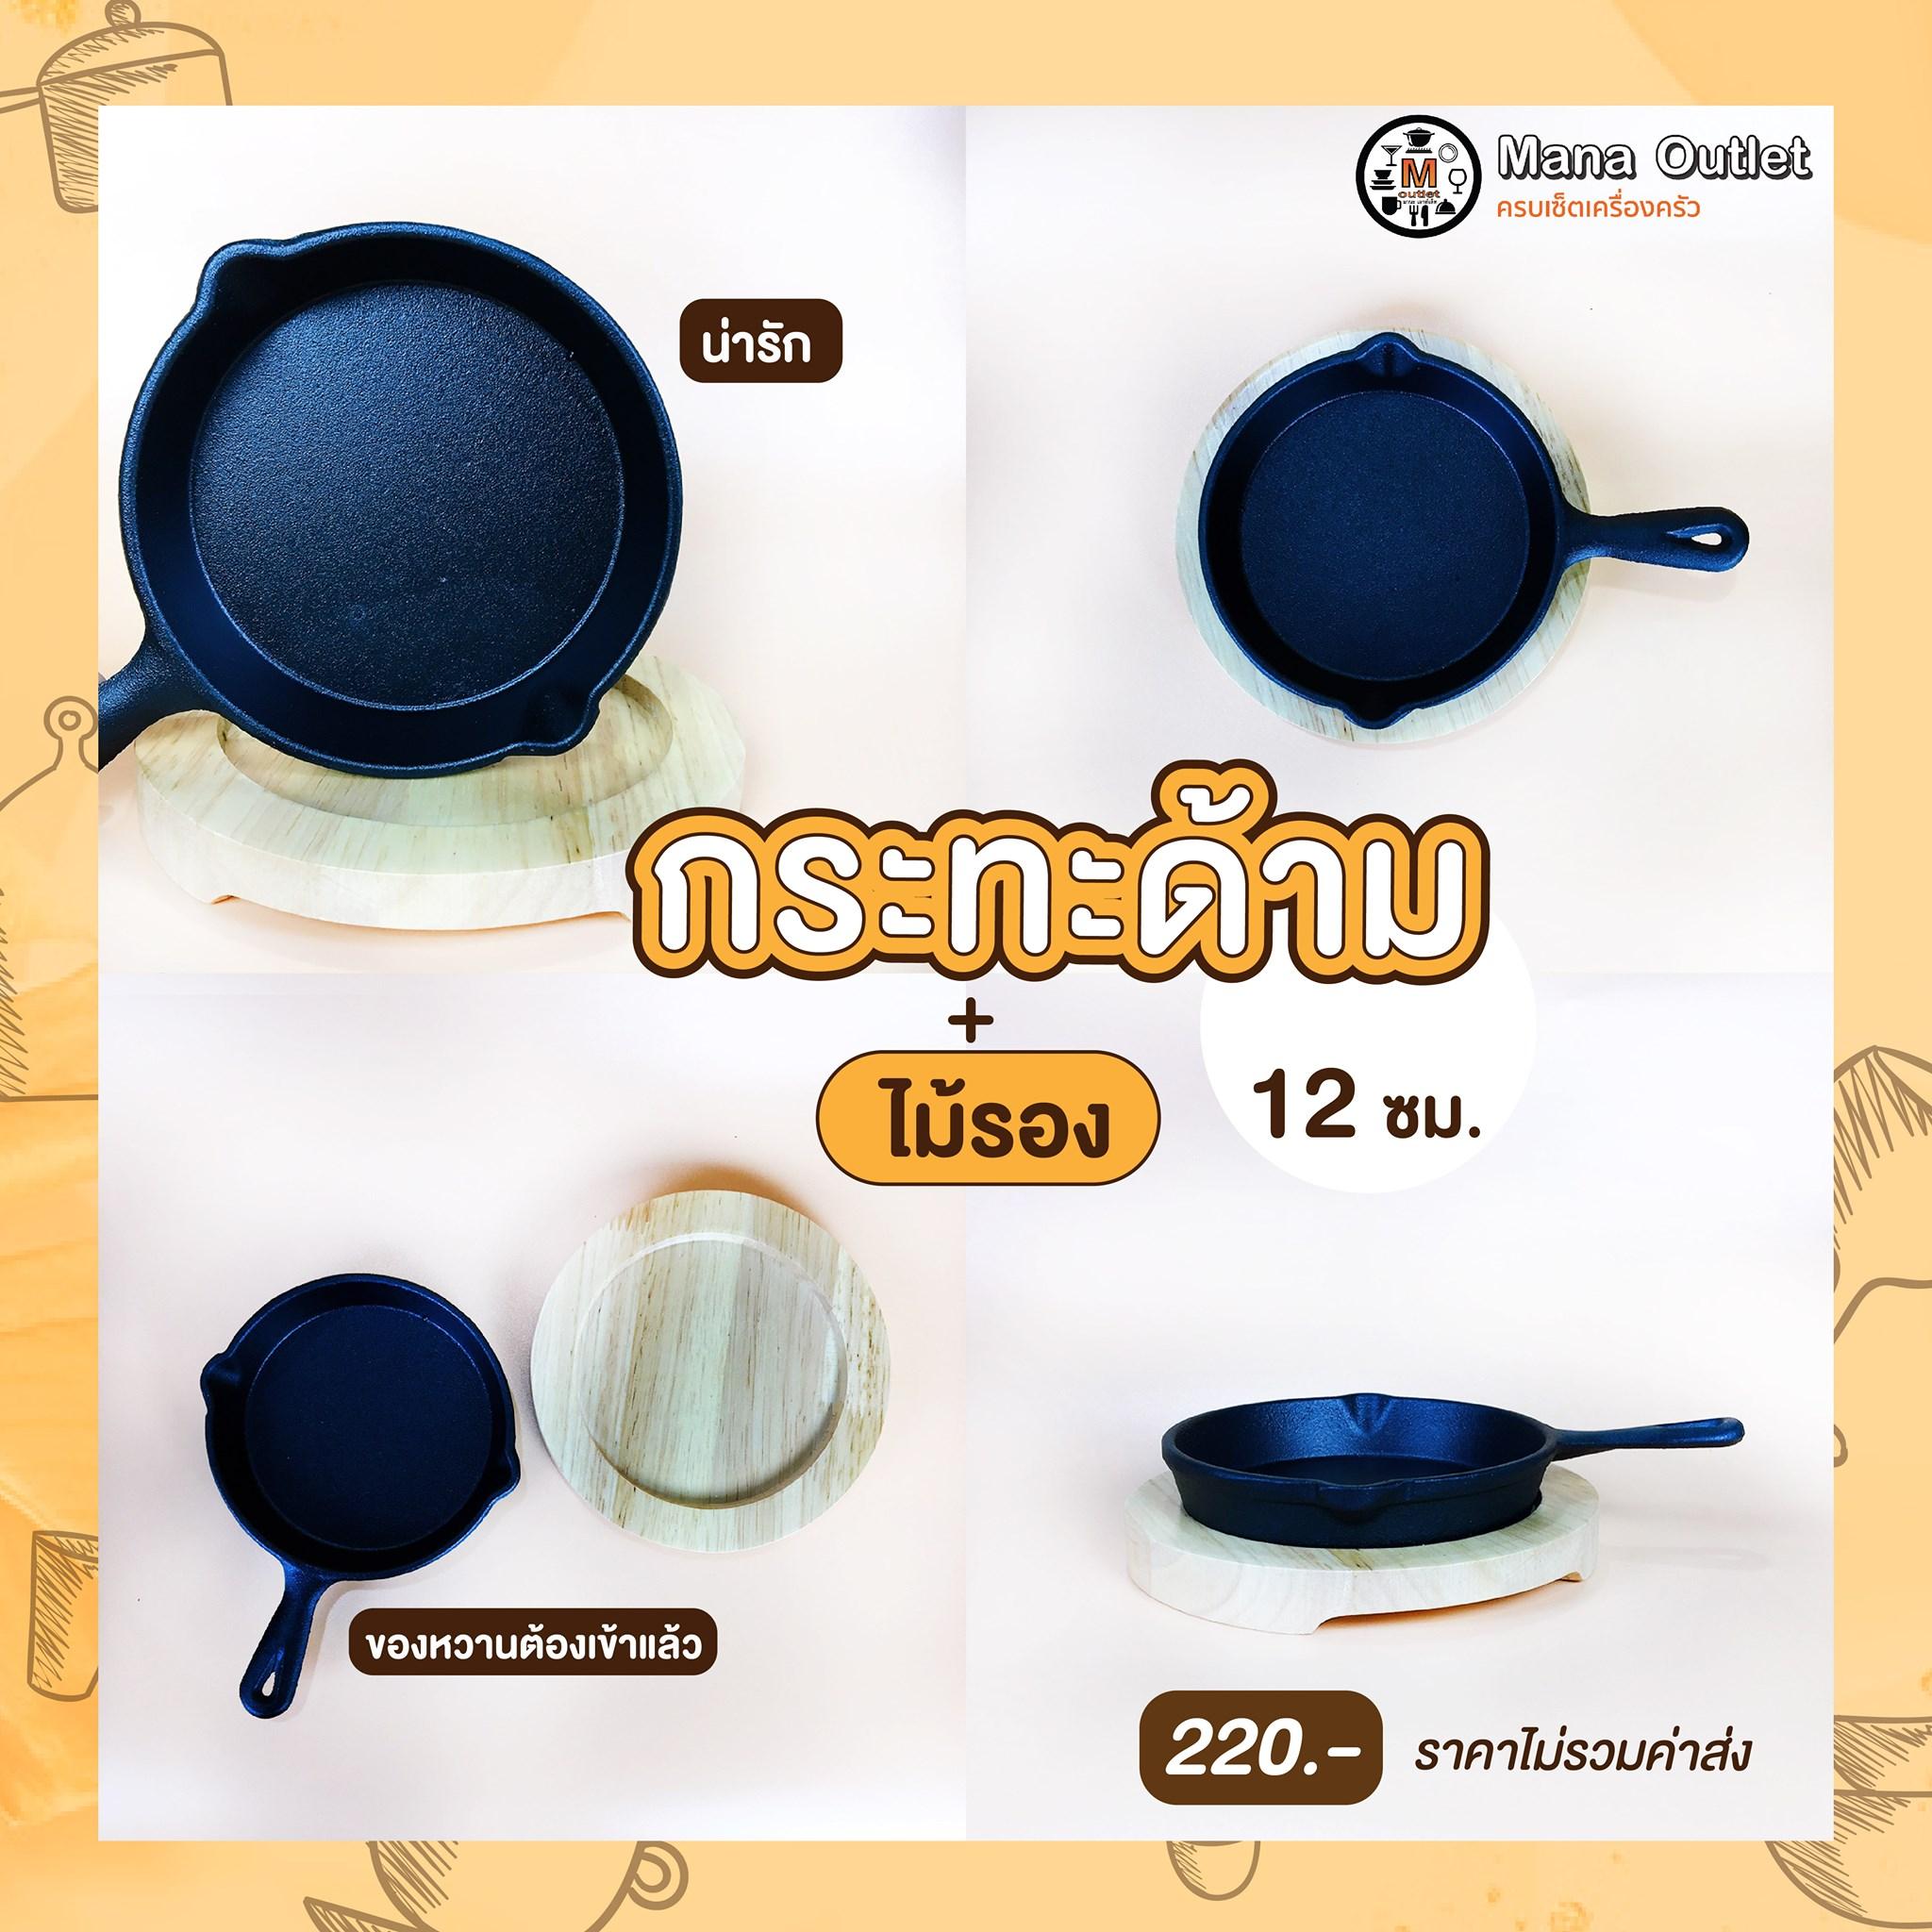 กระทะร้อนมีด้าม 12ซม. พร้อมถาดไม้รอง ( Made in thailand )